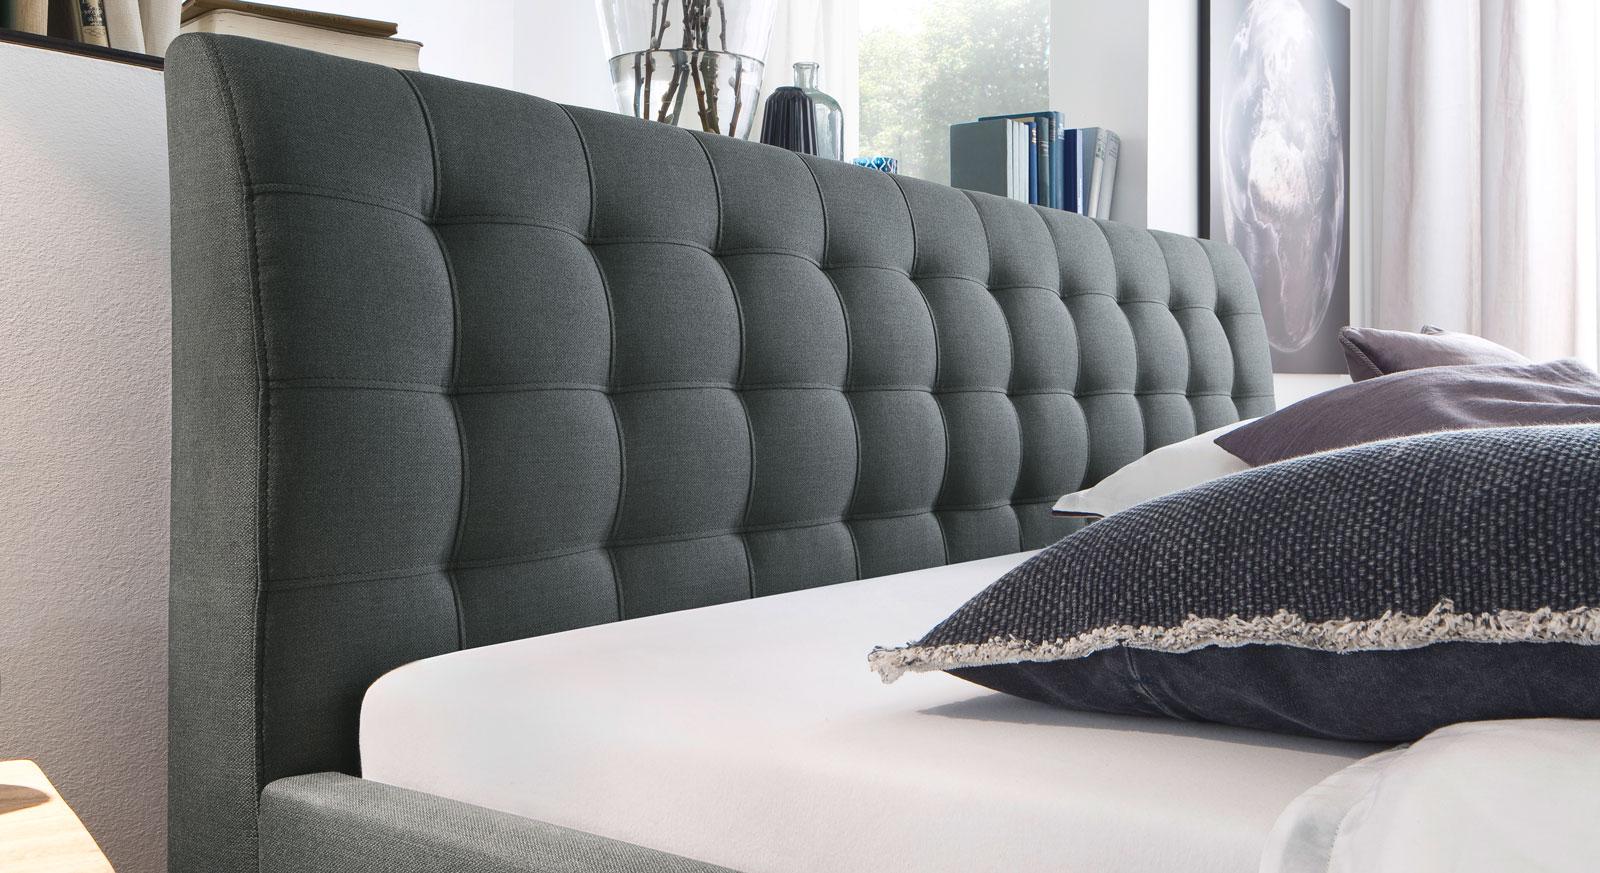 stoffbett im 50er jahre retrolook mit eichenf en batana. Black Bedroom Furniture Sets. Home Design Ideas